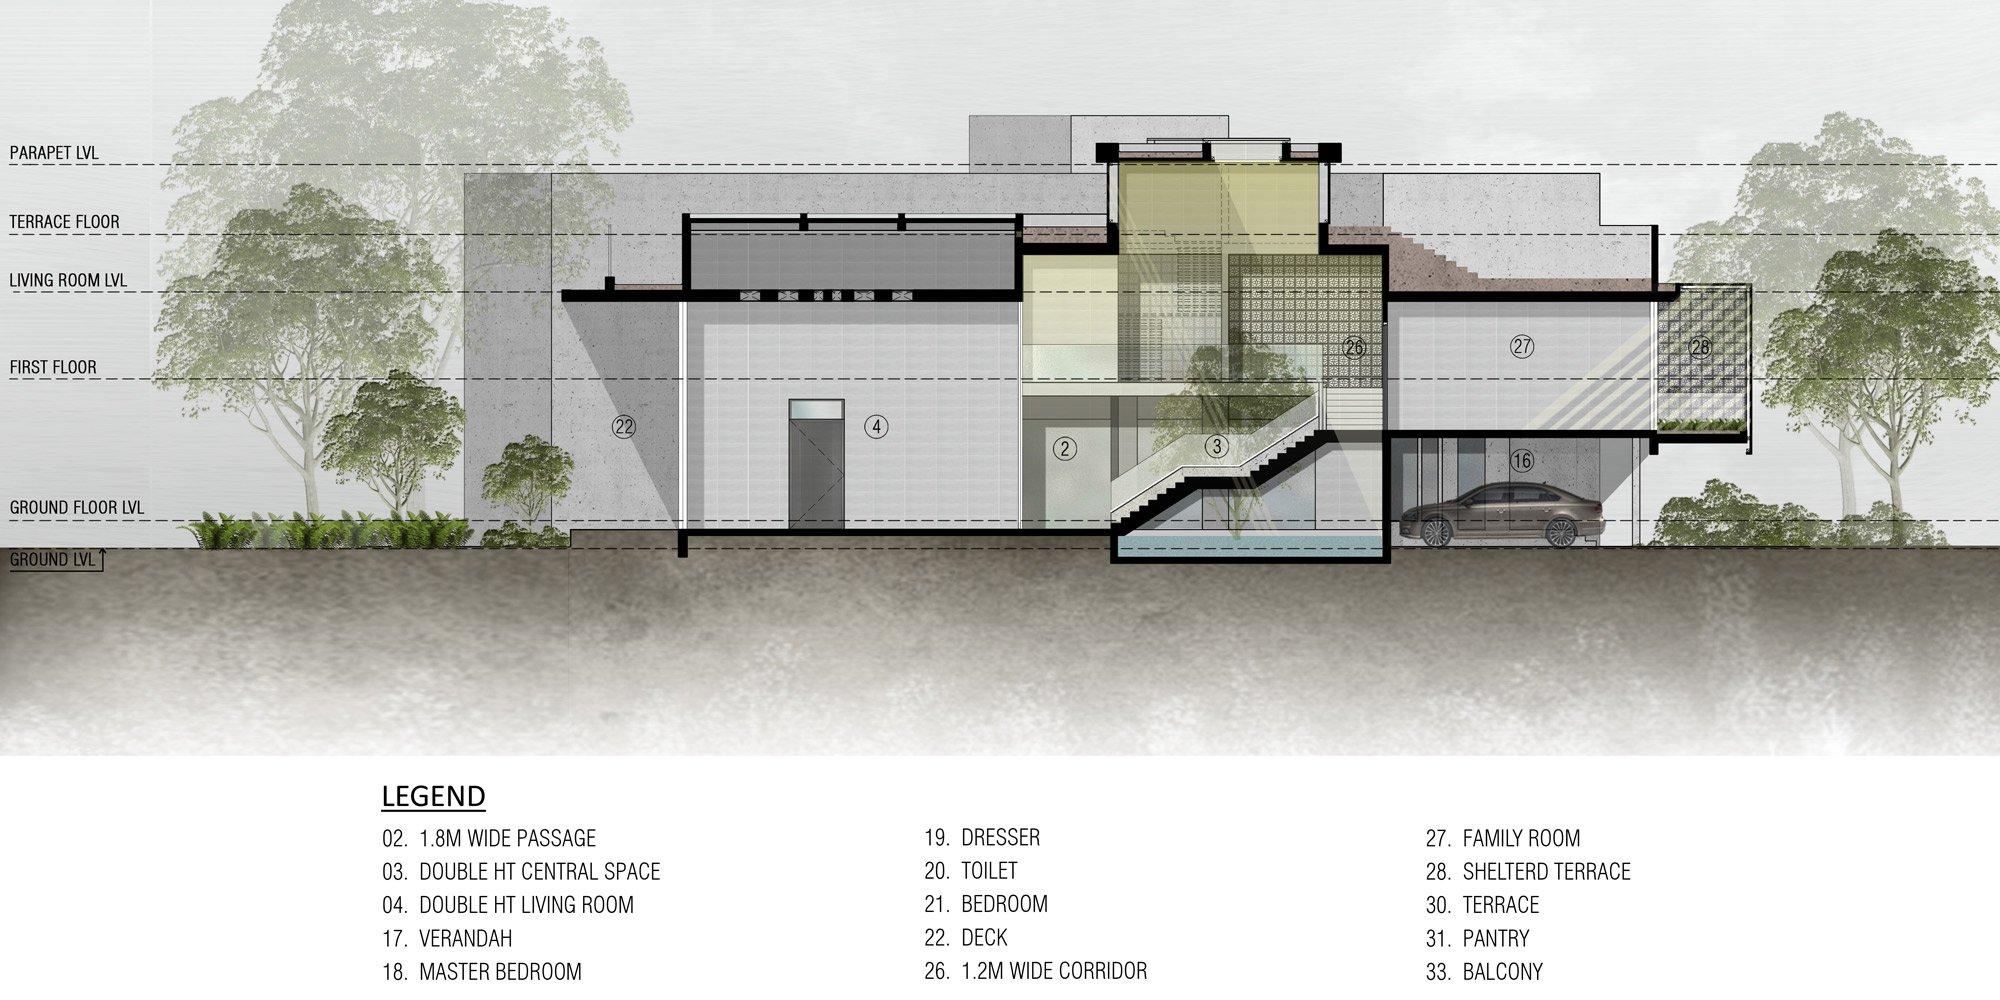 Sezione AA © Sanjay Puri Architects